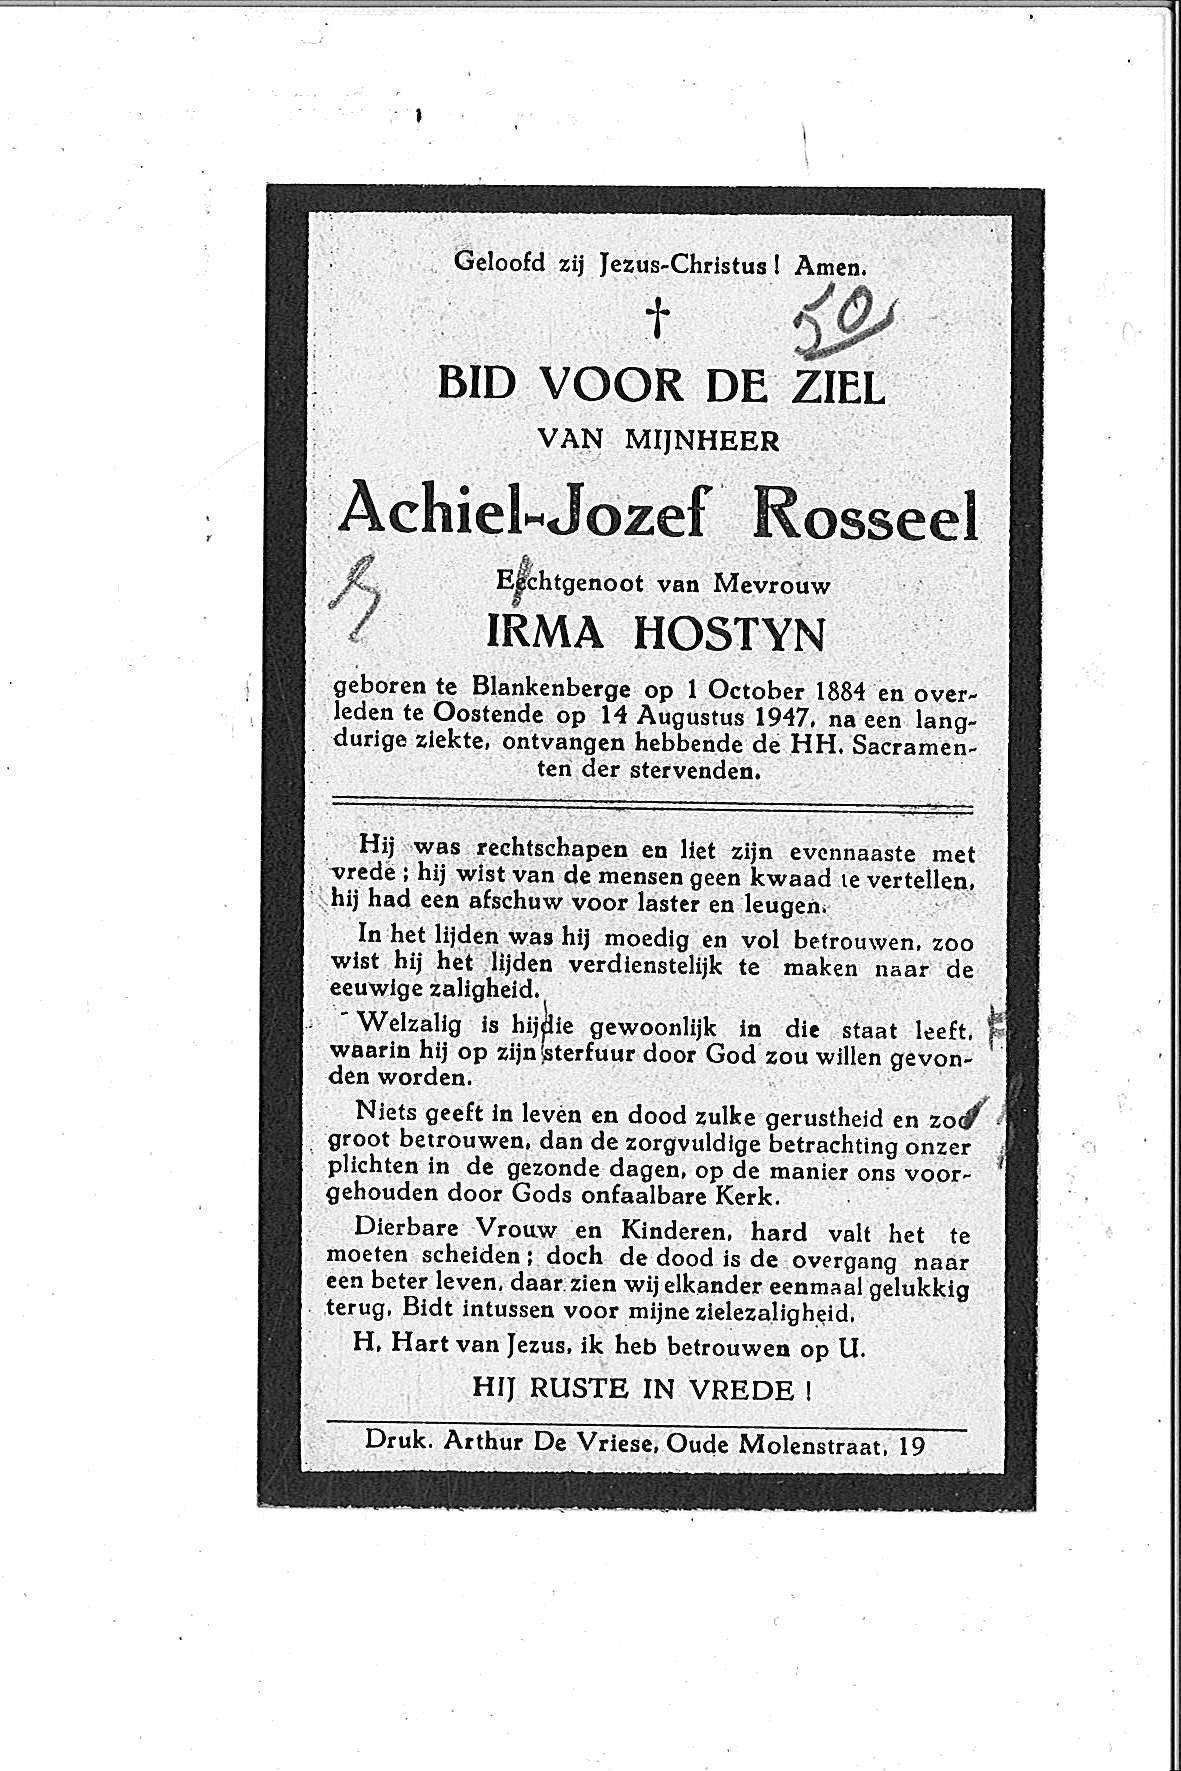 Achiel-Jozef(1947)20141217163243_00003.jpg